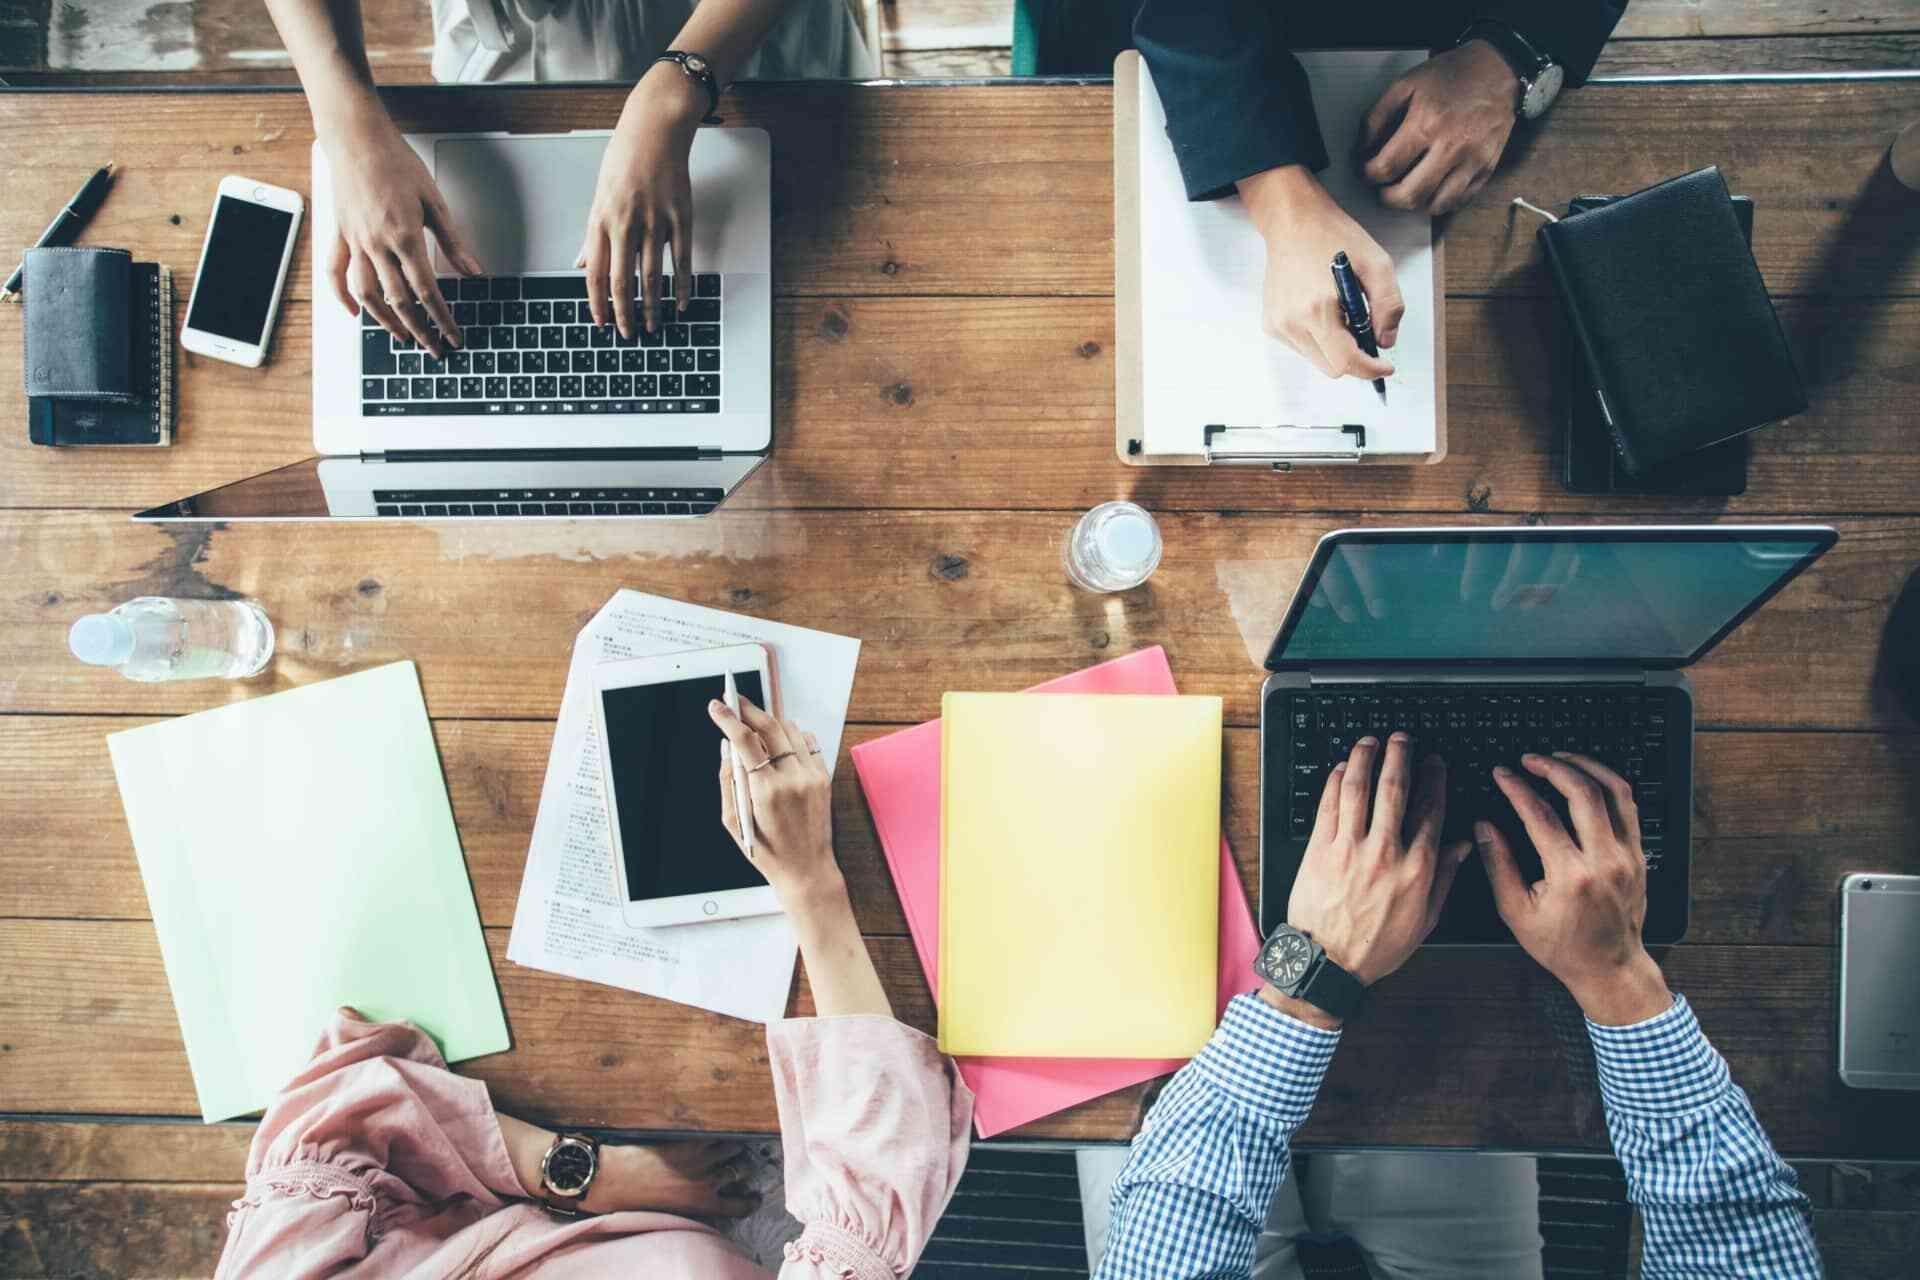 ベンチャー企業に新卒入社したい学生が選ぶ方法とポイント